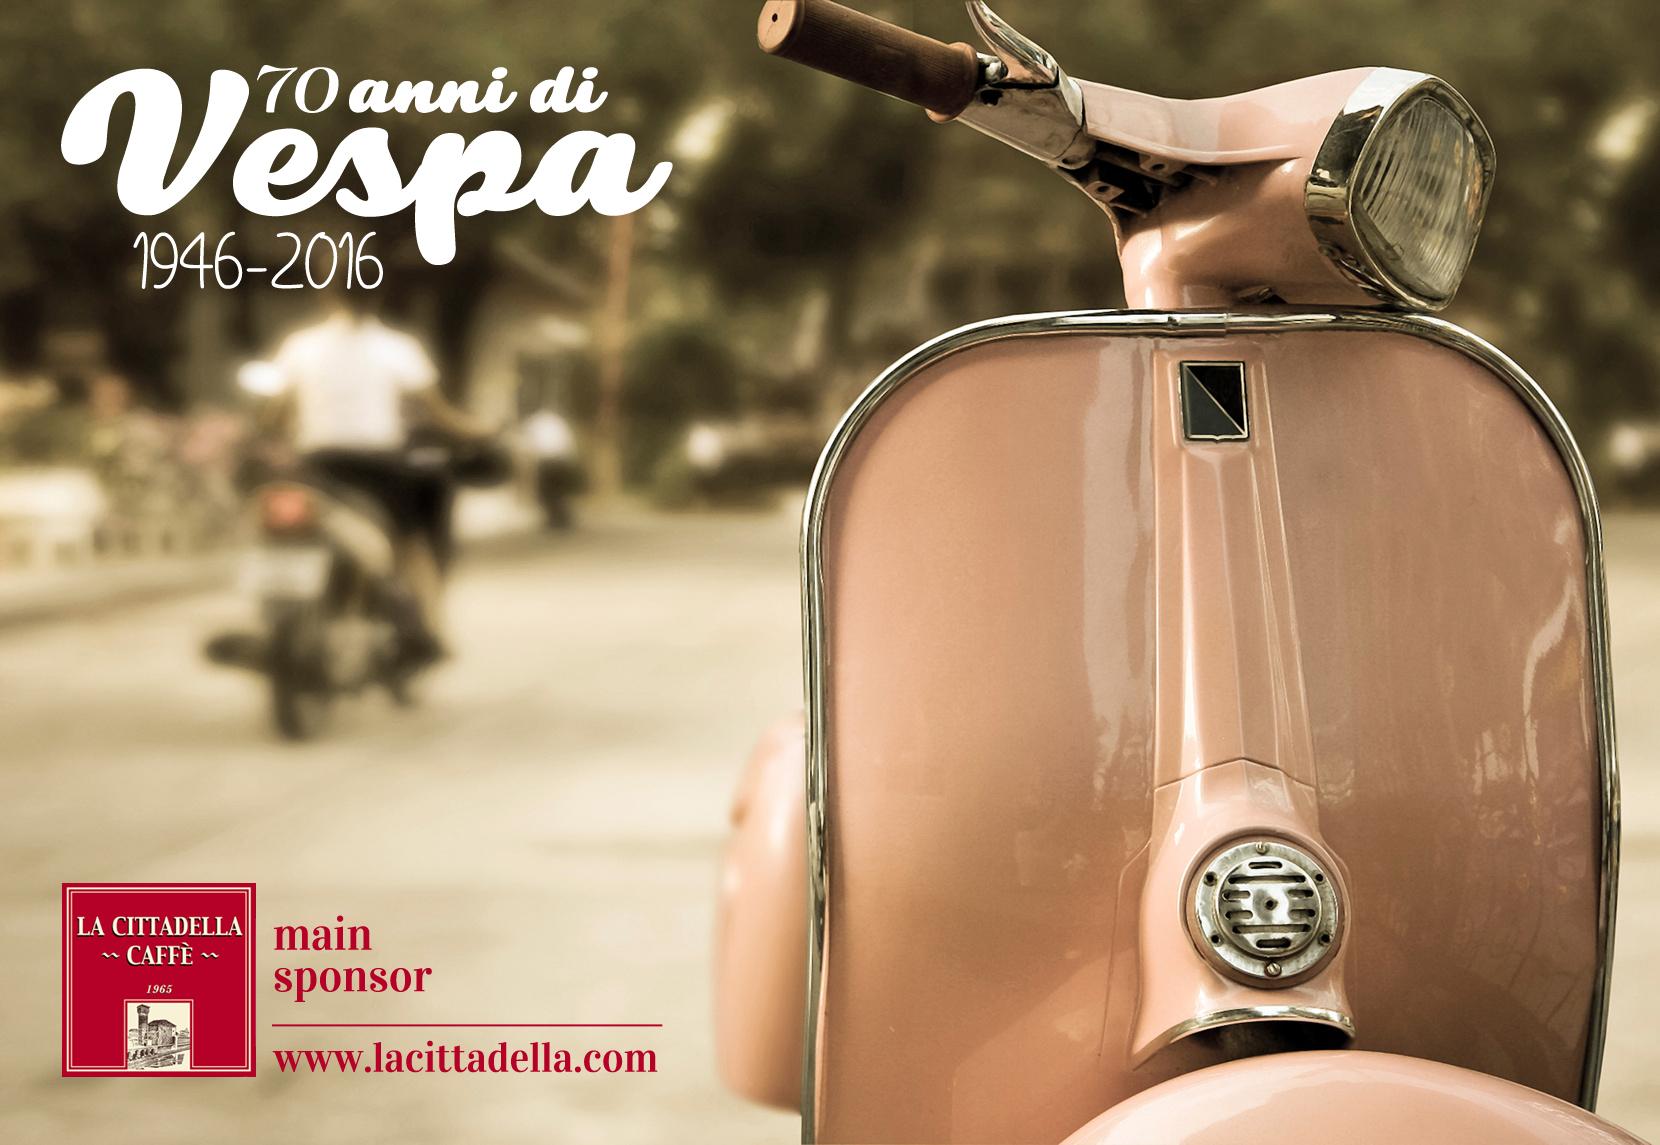 la-cittadella-caffè-anniversario-vespa-piaggio-main-sponsor